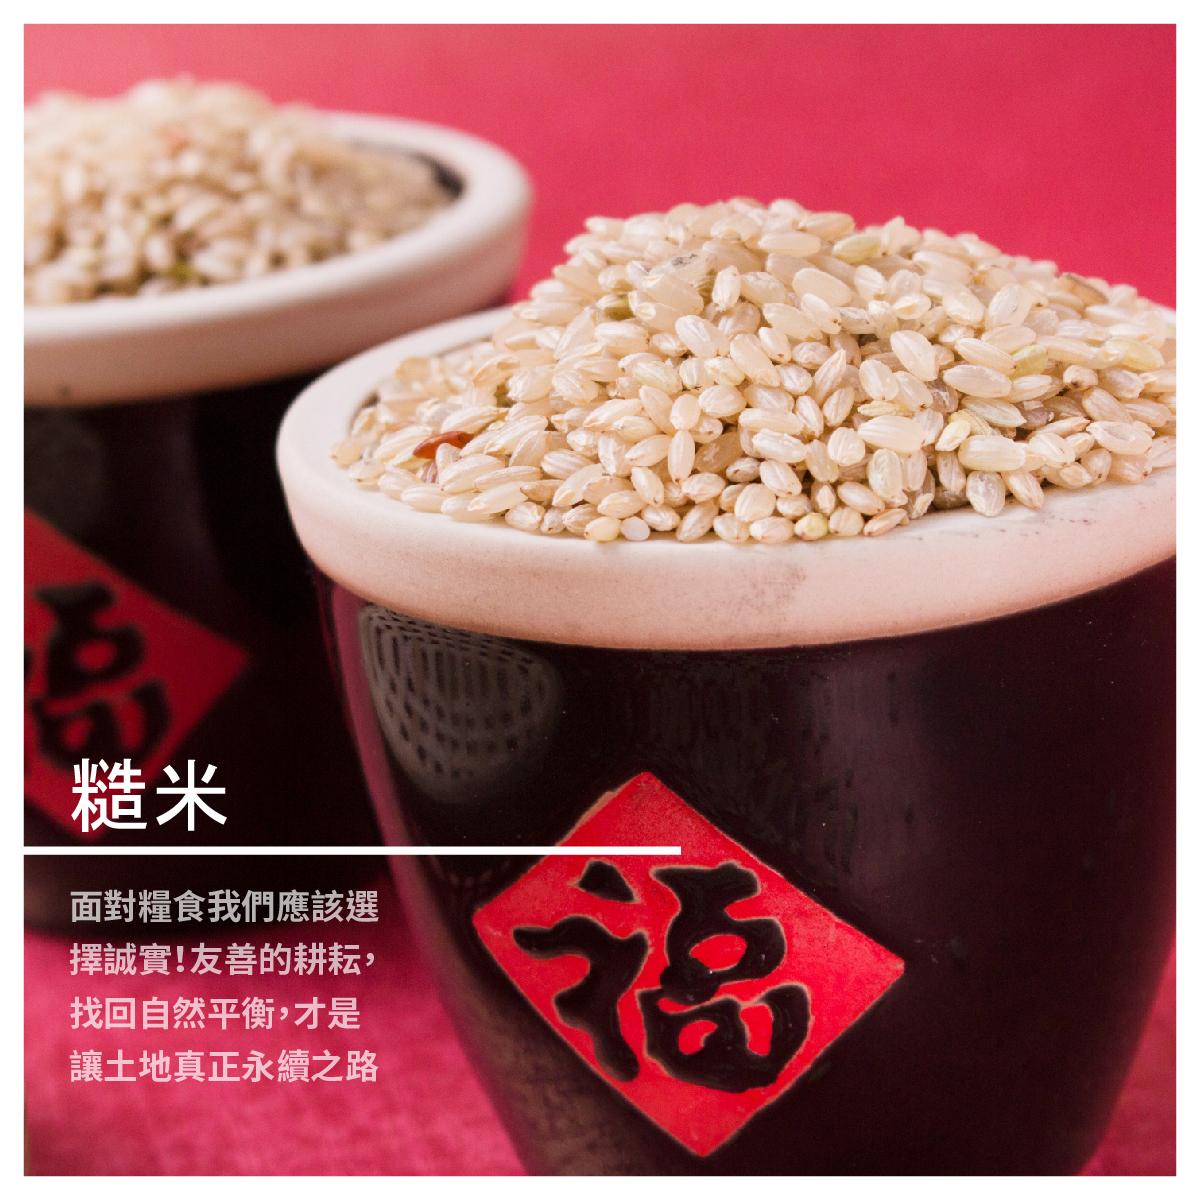 【吉也鮮 吉谷農園】糙米 1公斤 /5包組